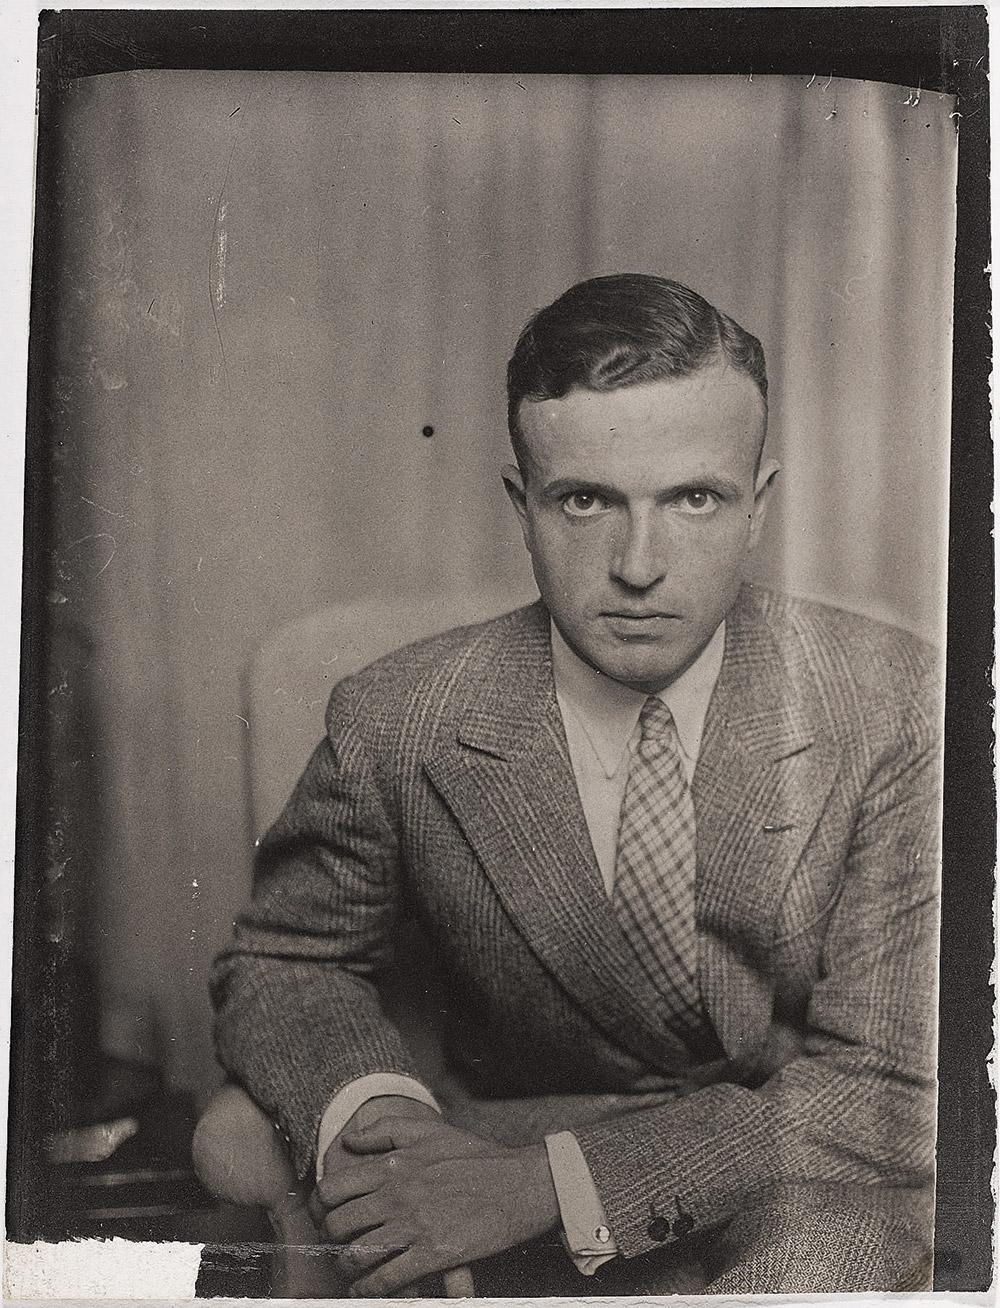 میشل لریس در ایام جوانی (۱۹۳۰)، عکاس: من ری.